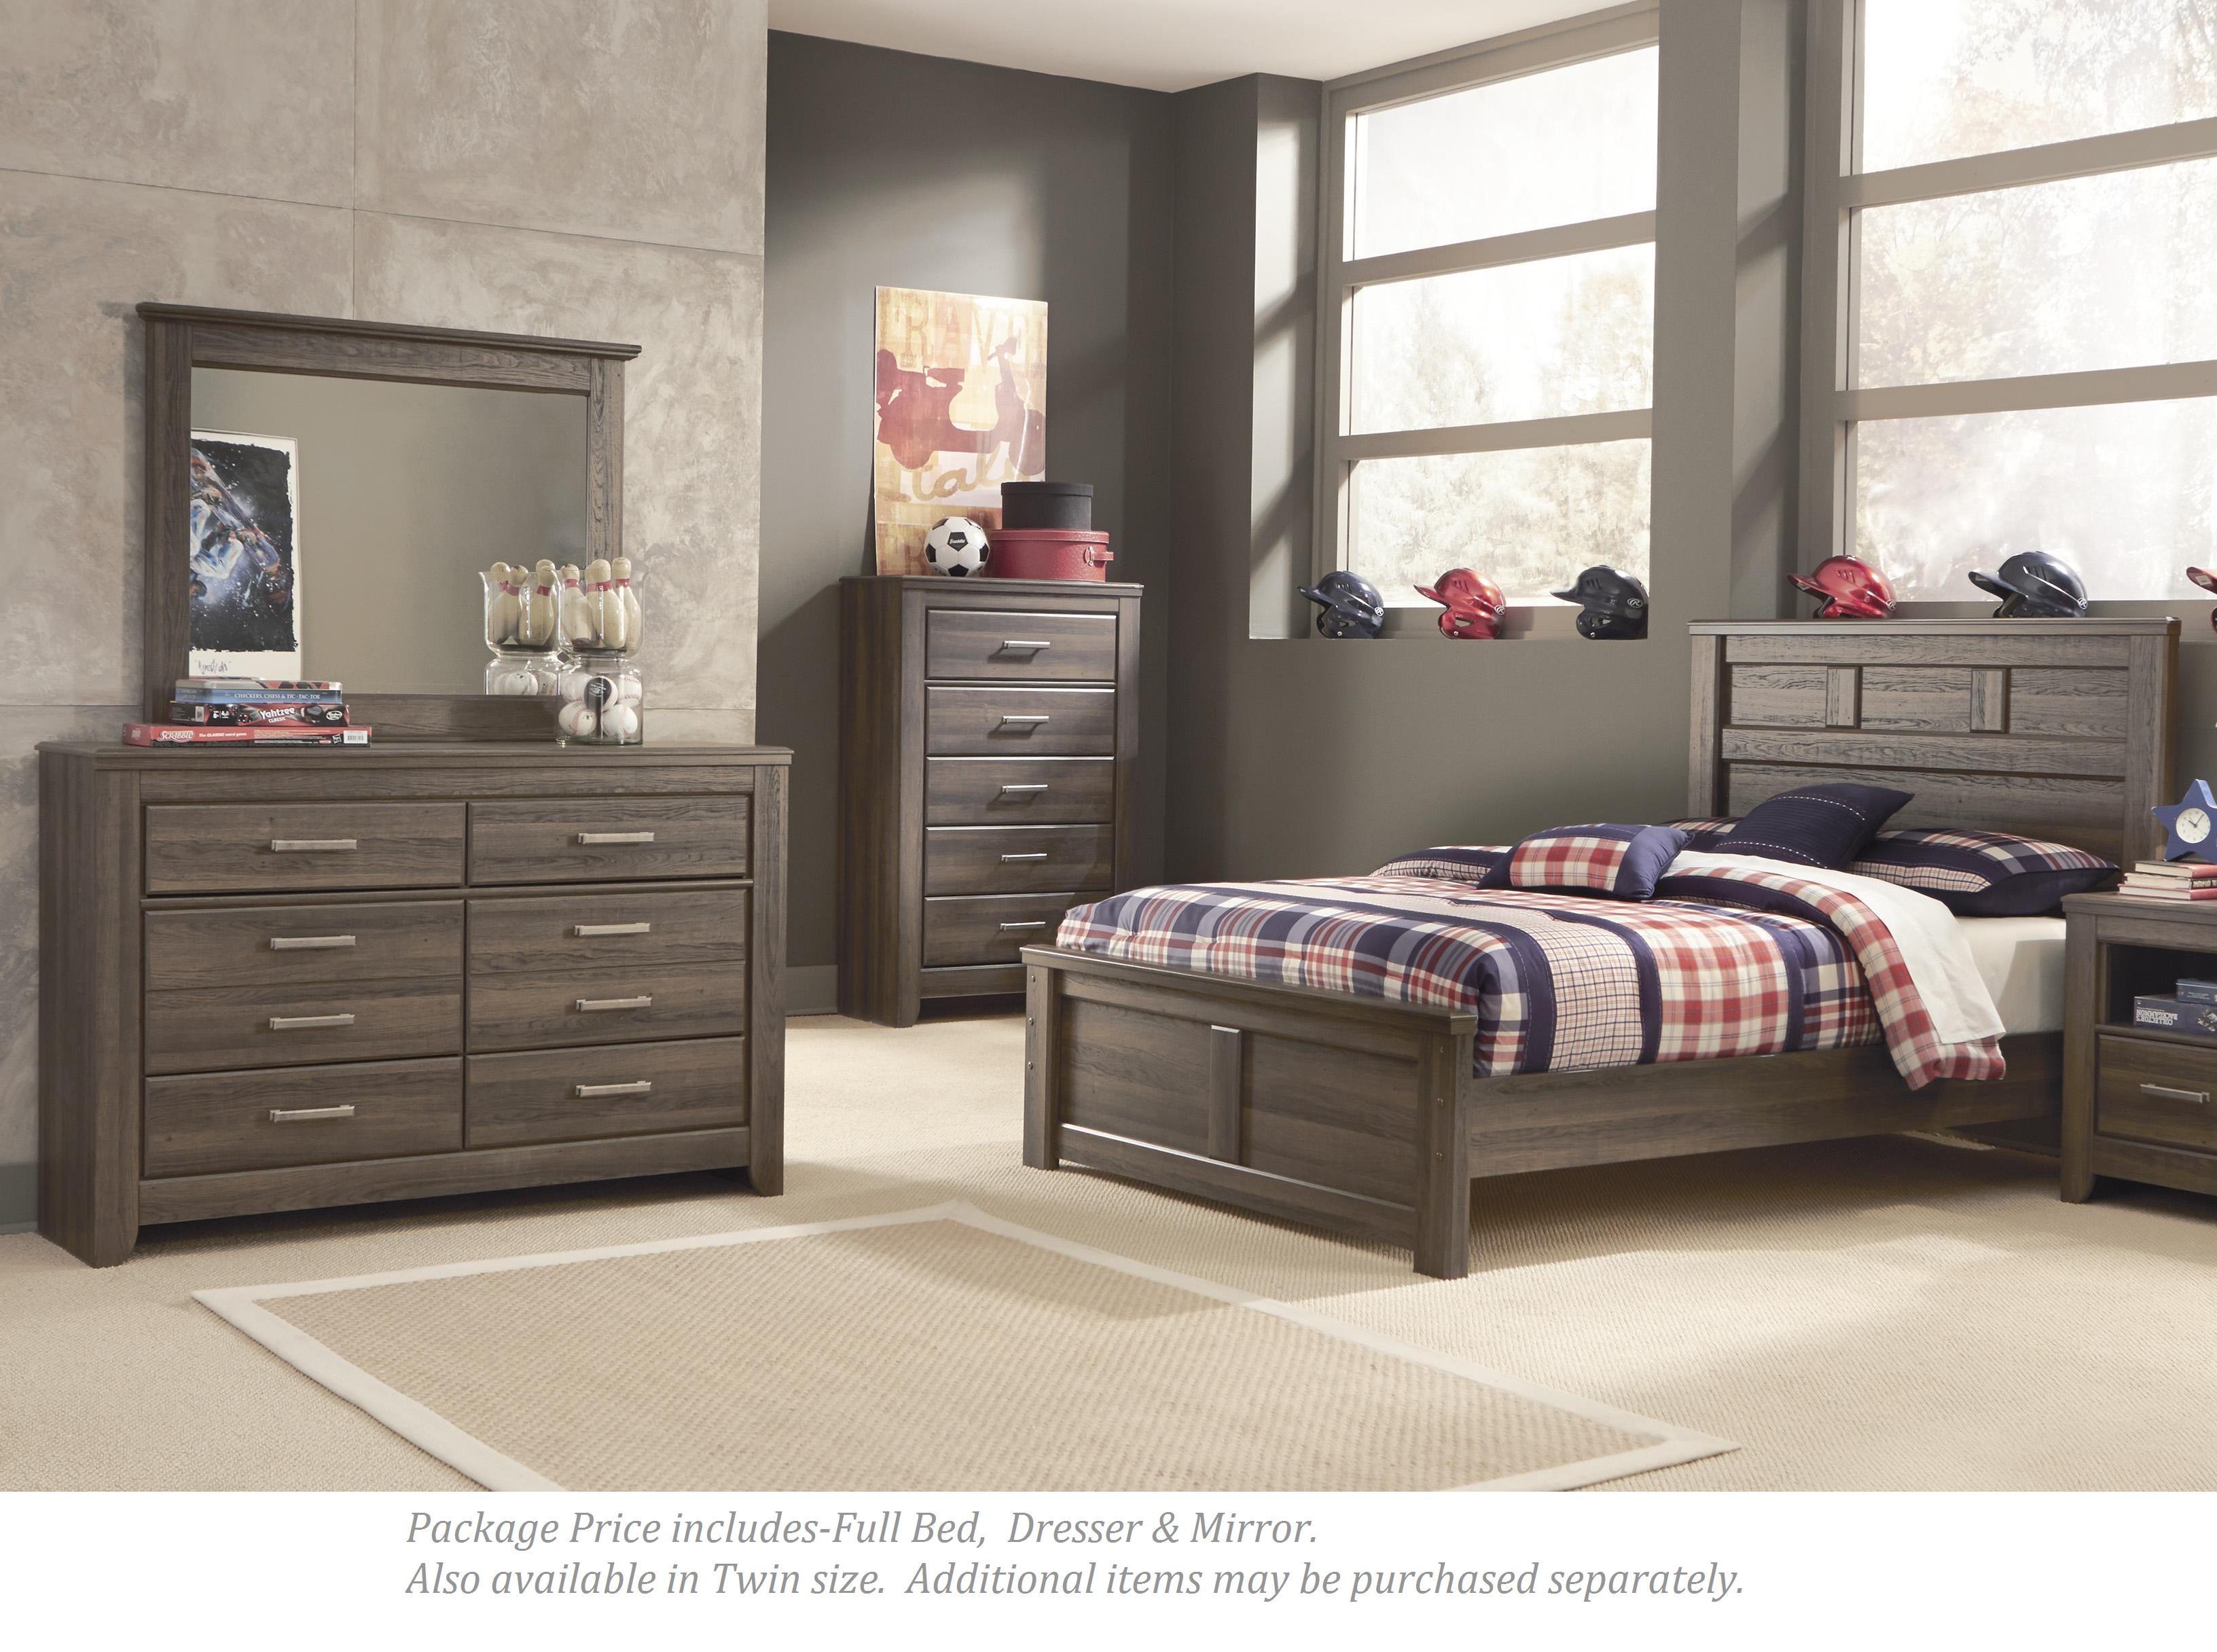 3-PC Full Bedroom